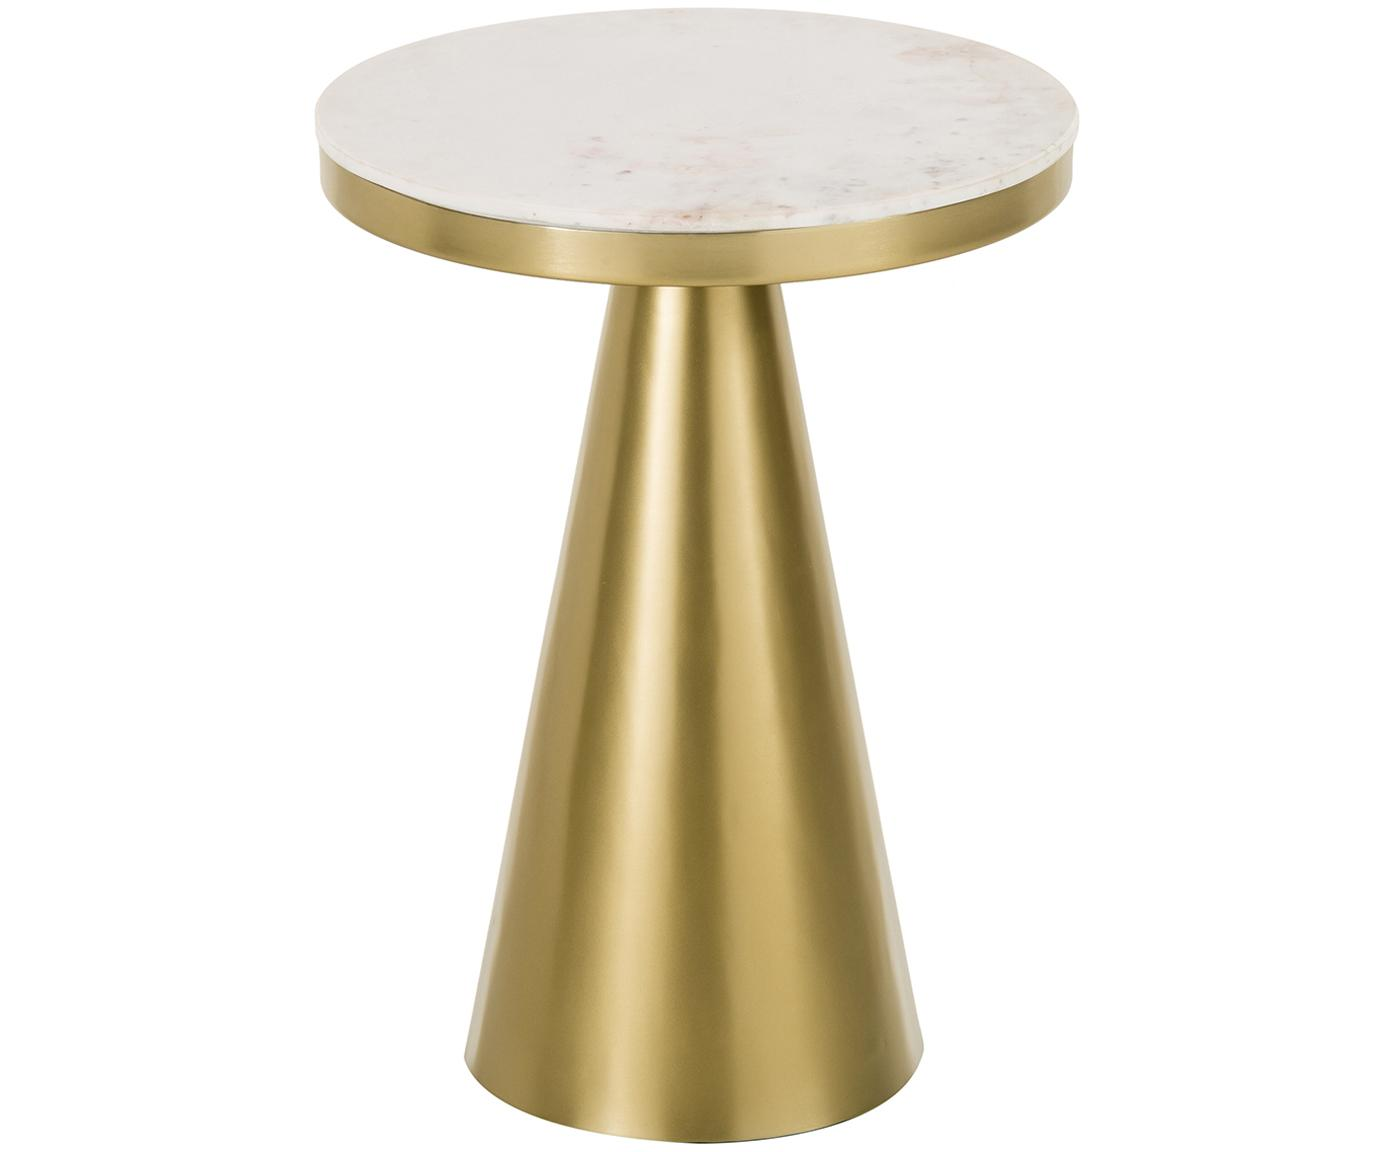 Okrągły stolik pomocniczy z marmuru Zelda, Blat: marmur, Stelaż: metal powlekany, Biało-szary marmur, odcienie złotego, Ø 41 x W 54 cm